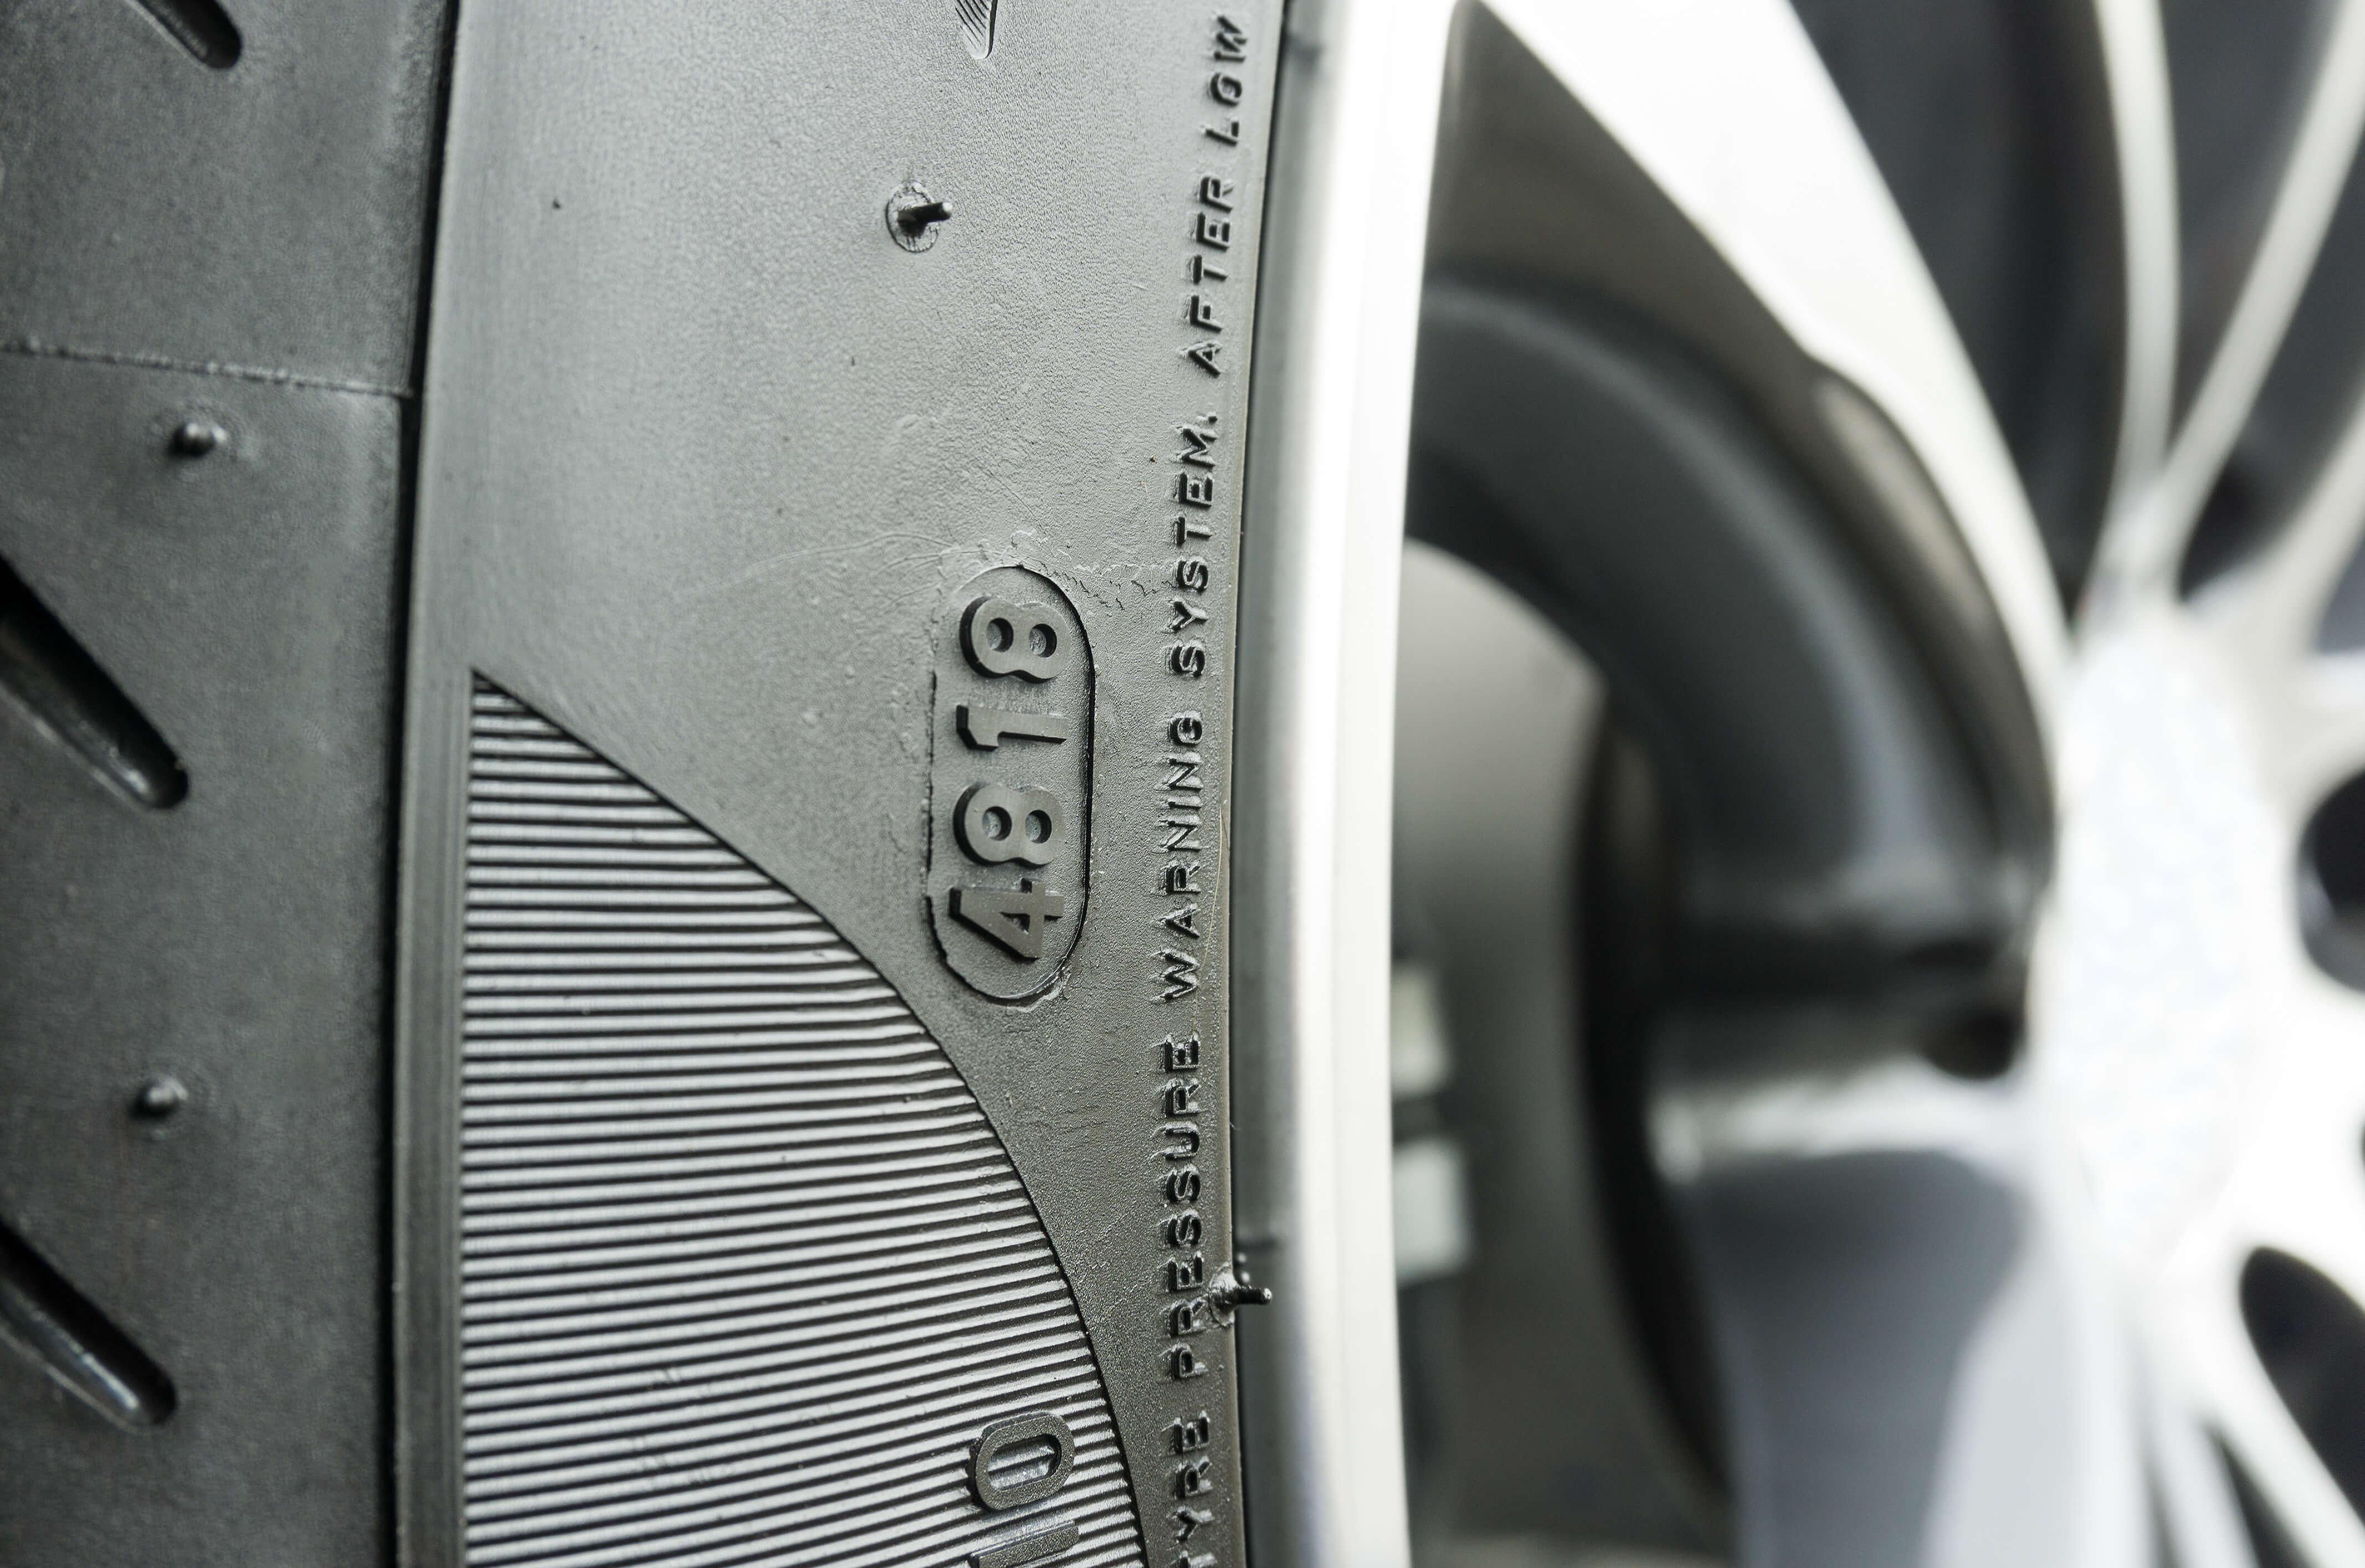 DOT pneu, stáří pneu, čerstvá dot